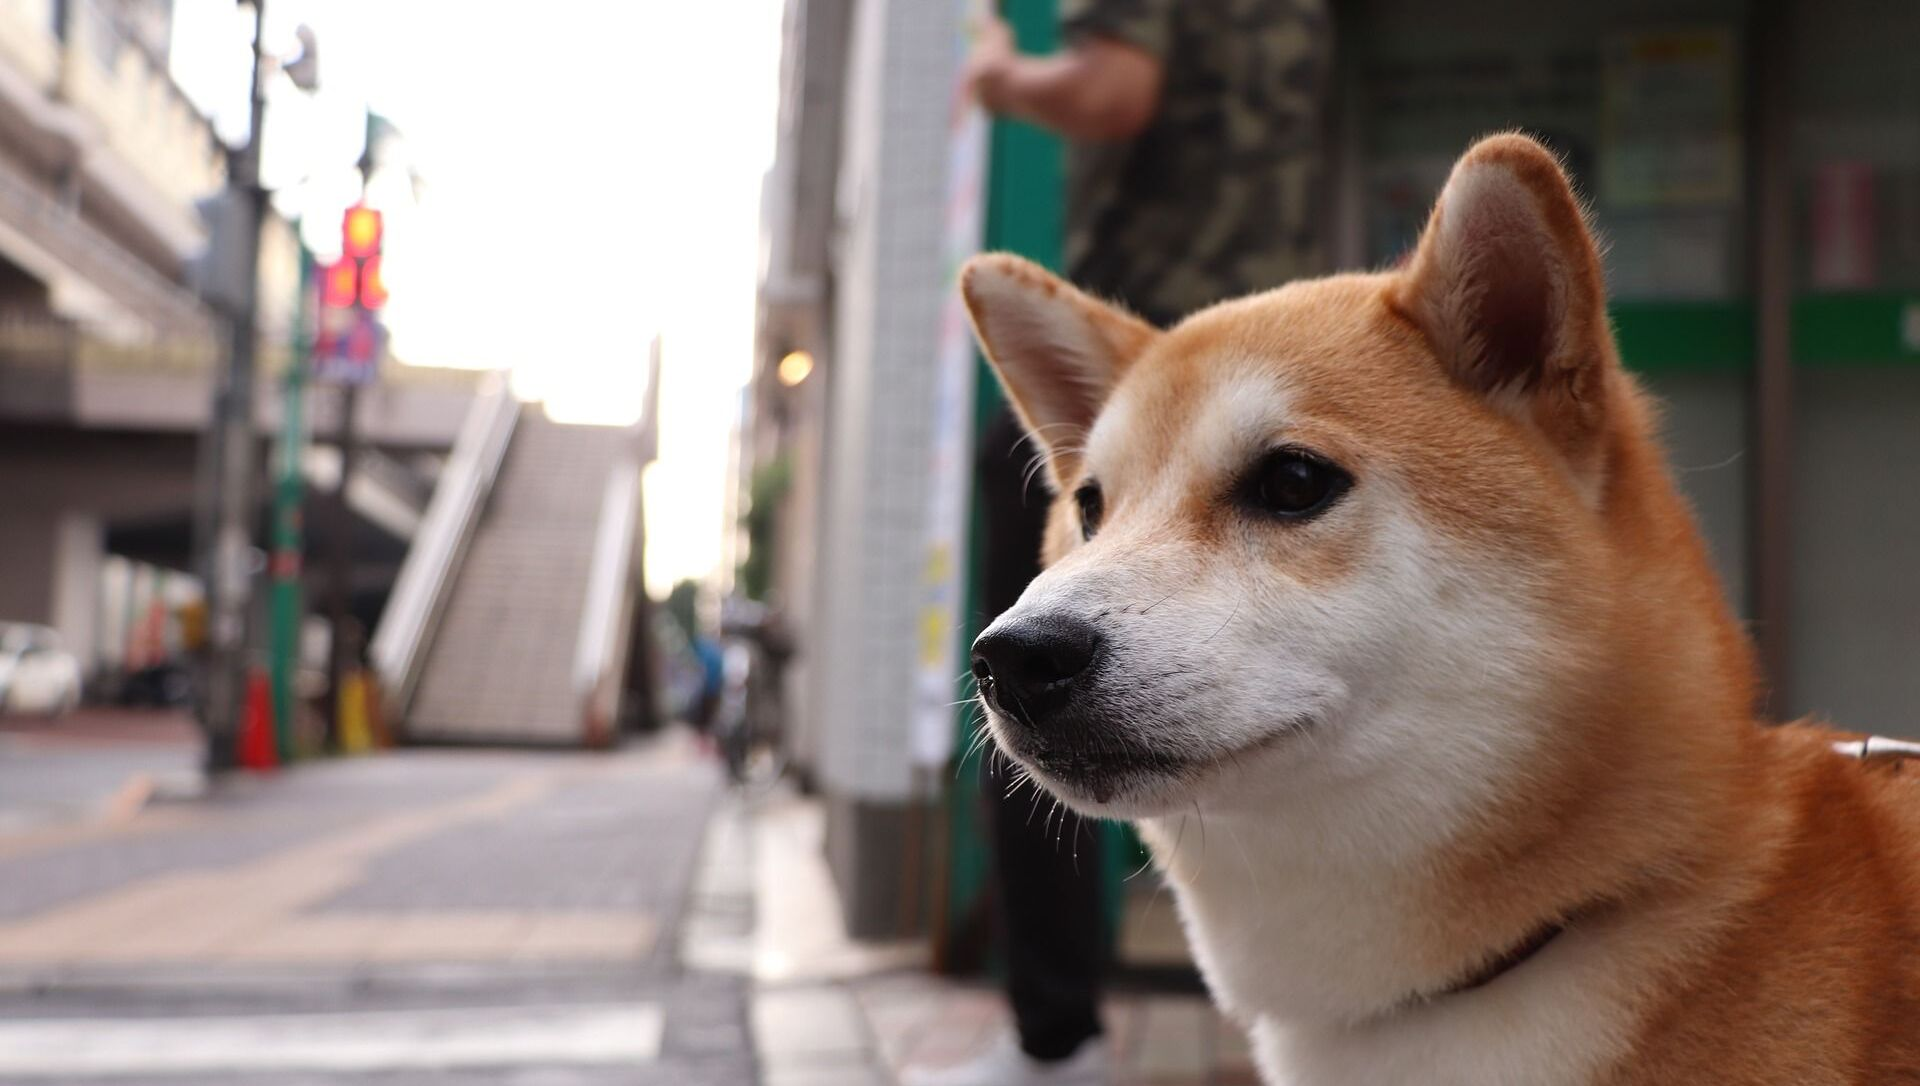 Собака породы сиба-ину - Sputnik Грузия, 1920, 16.05.2021